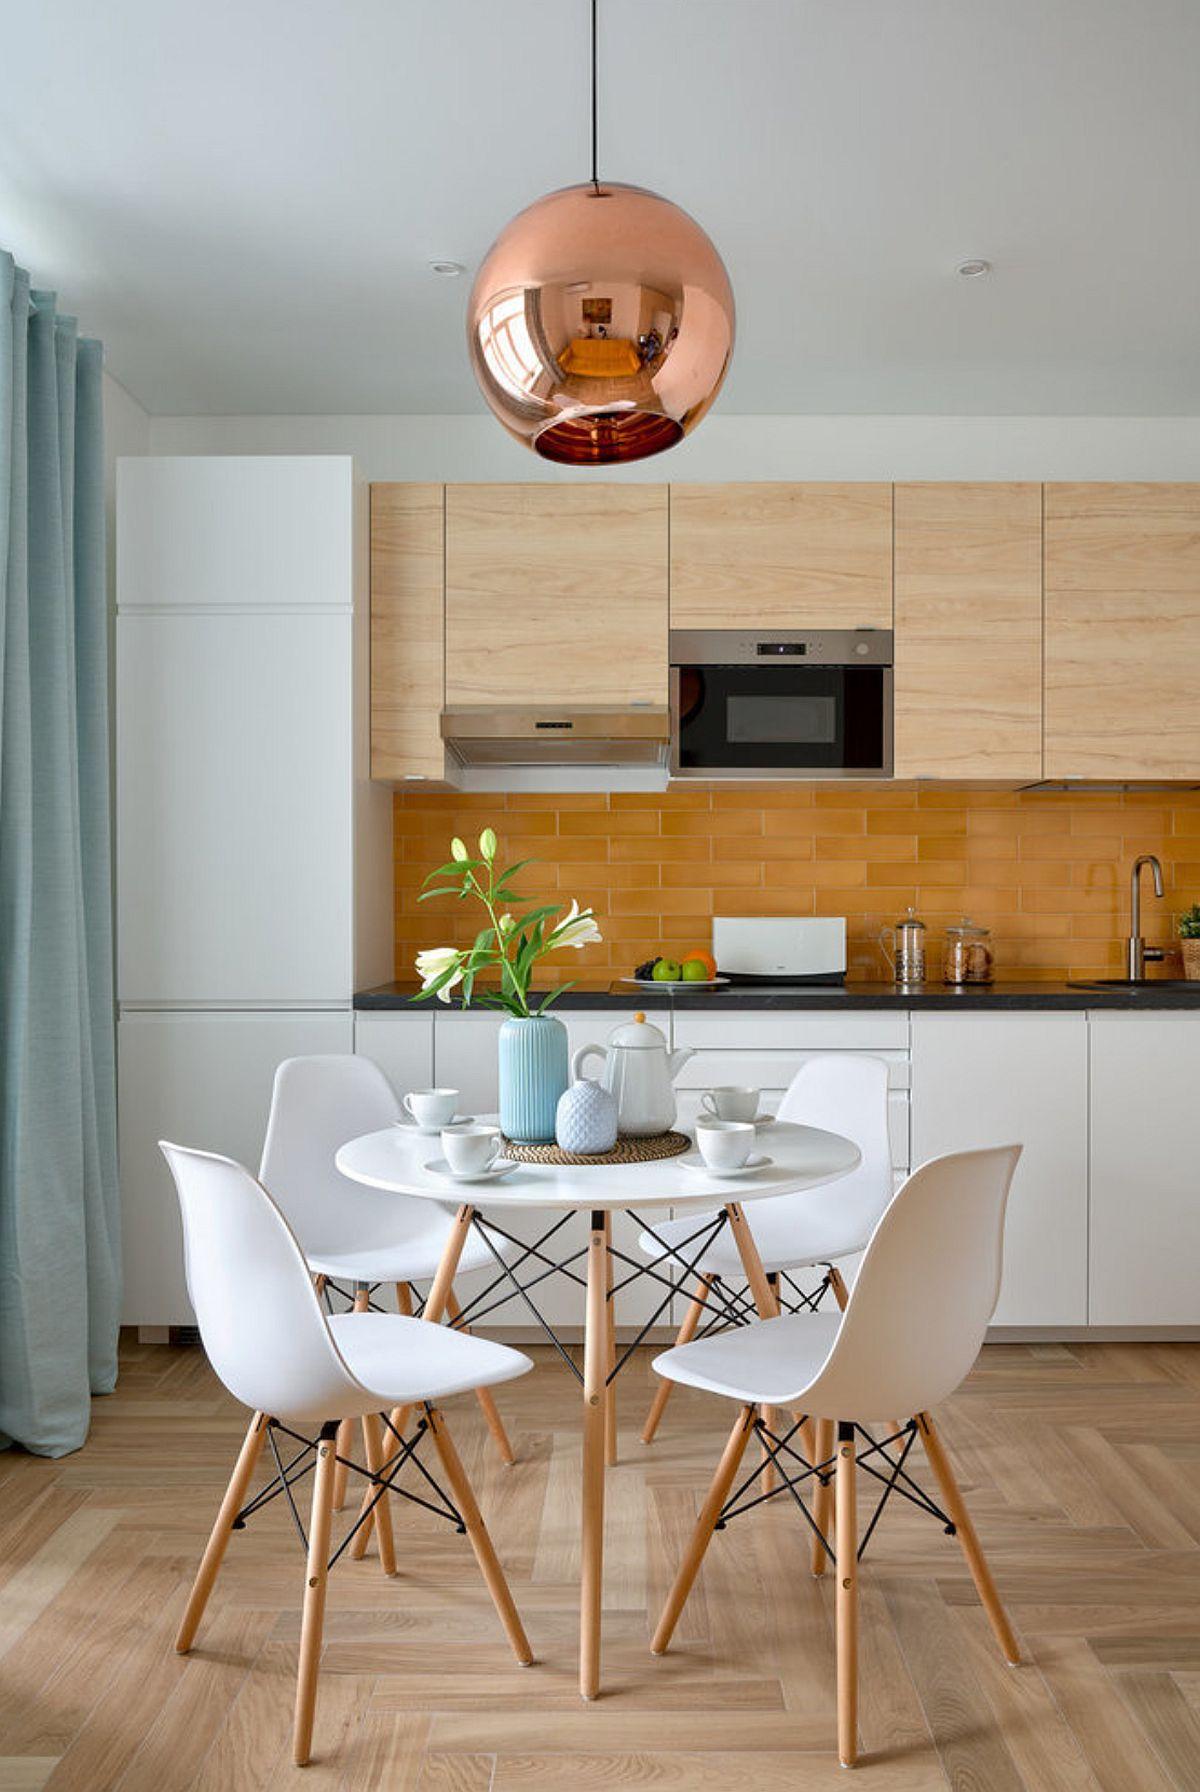 Mobilierul de la bucătărie este unul modular, cumpărat din magazin, ca atare spațiul dintre peretele cu fereastra și corpul ce înglobează combina frigorifică a fost folosit mascat cu ajutorul draperiei.